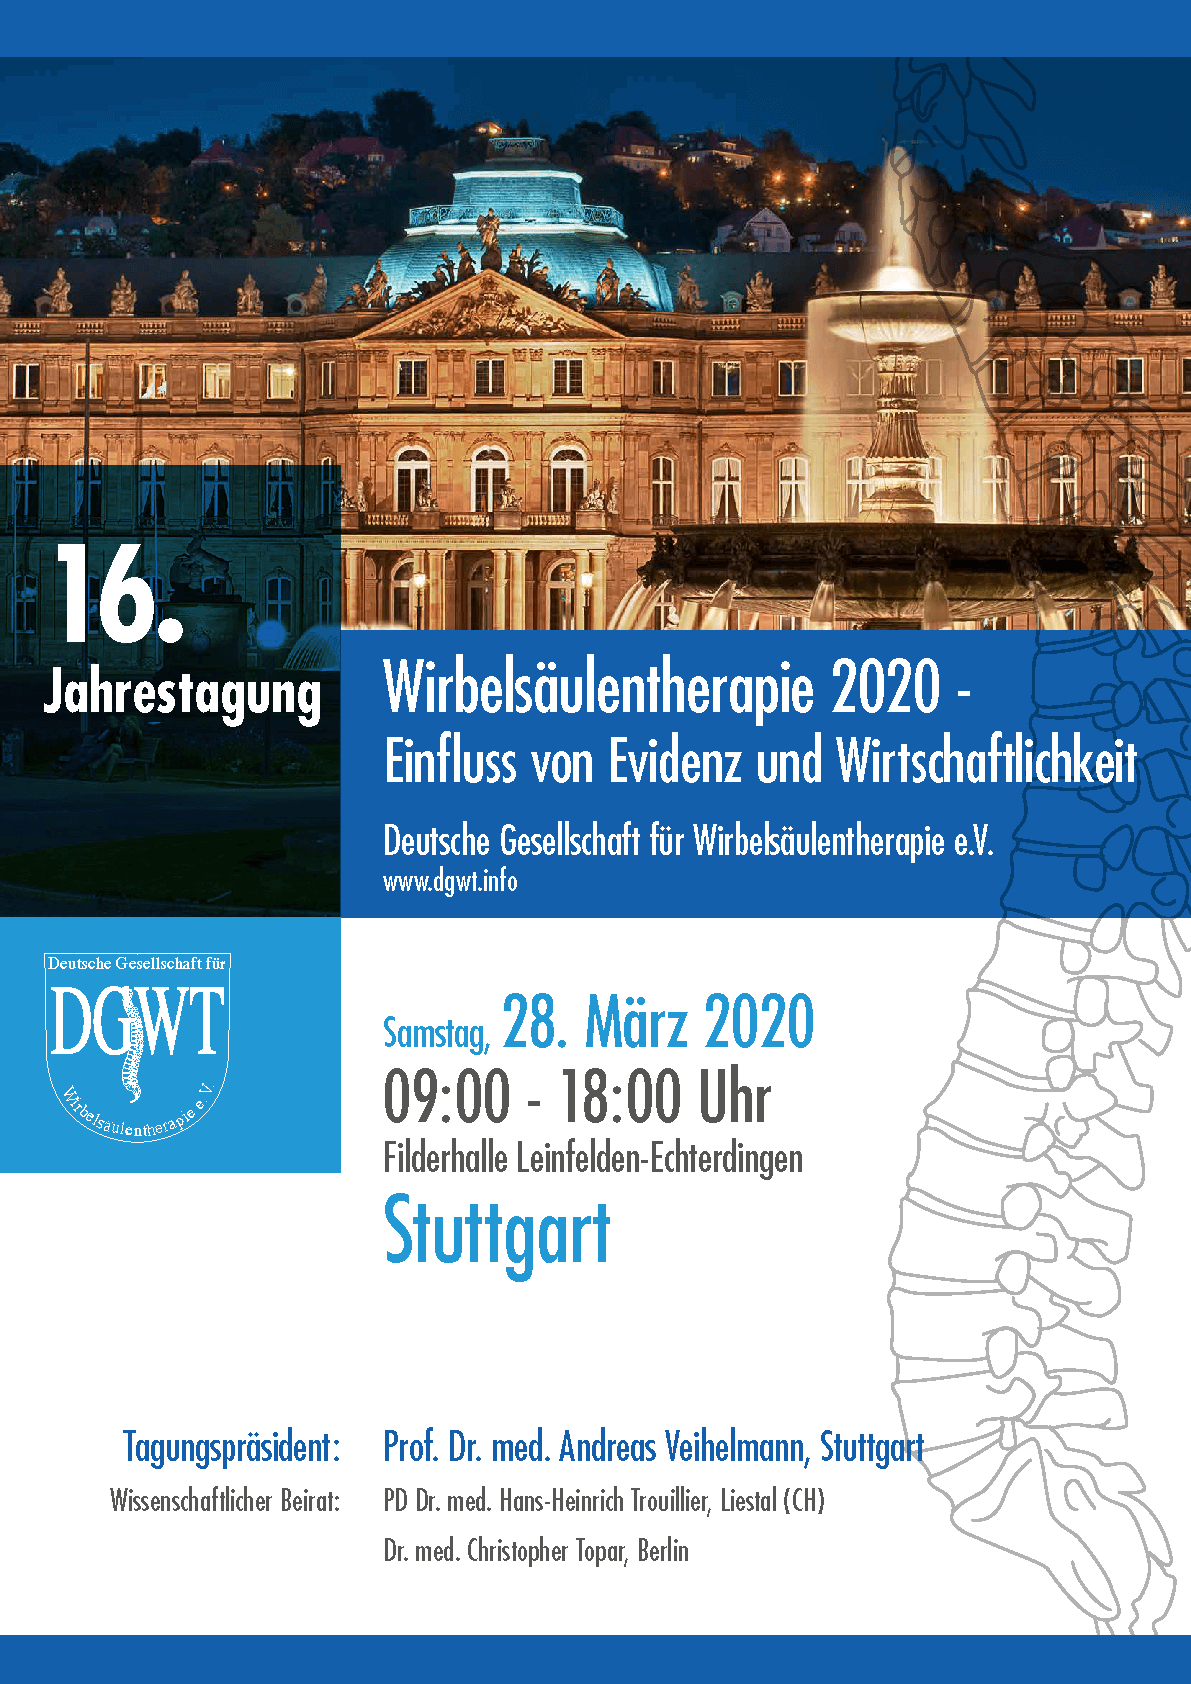 DGWT_Poster_Jahrestagung_2020